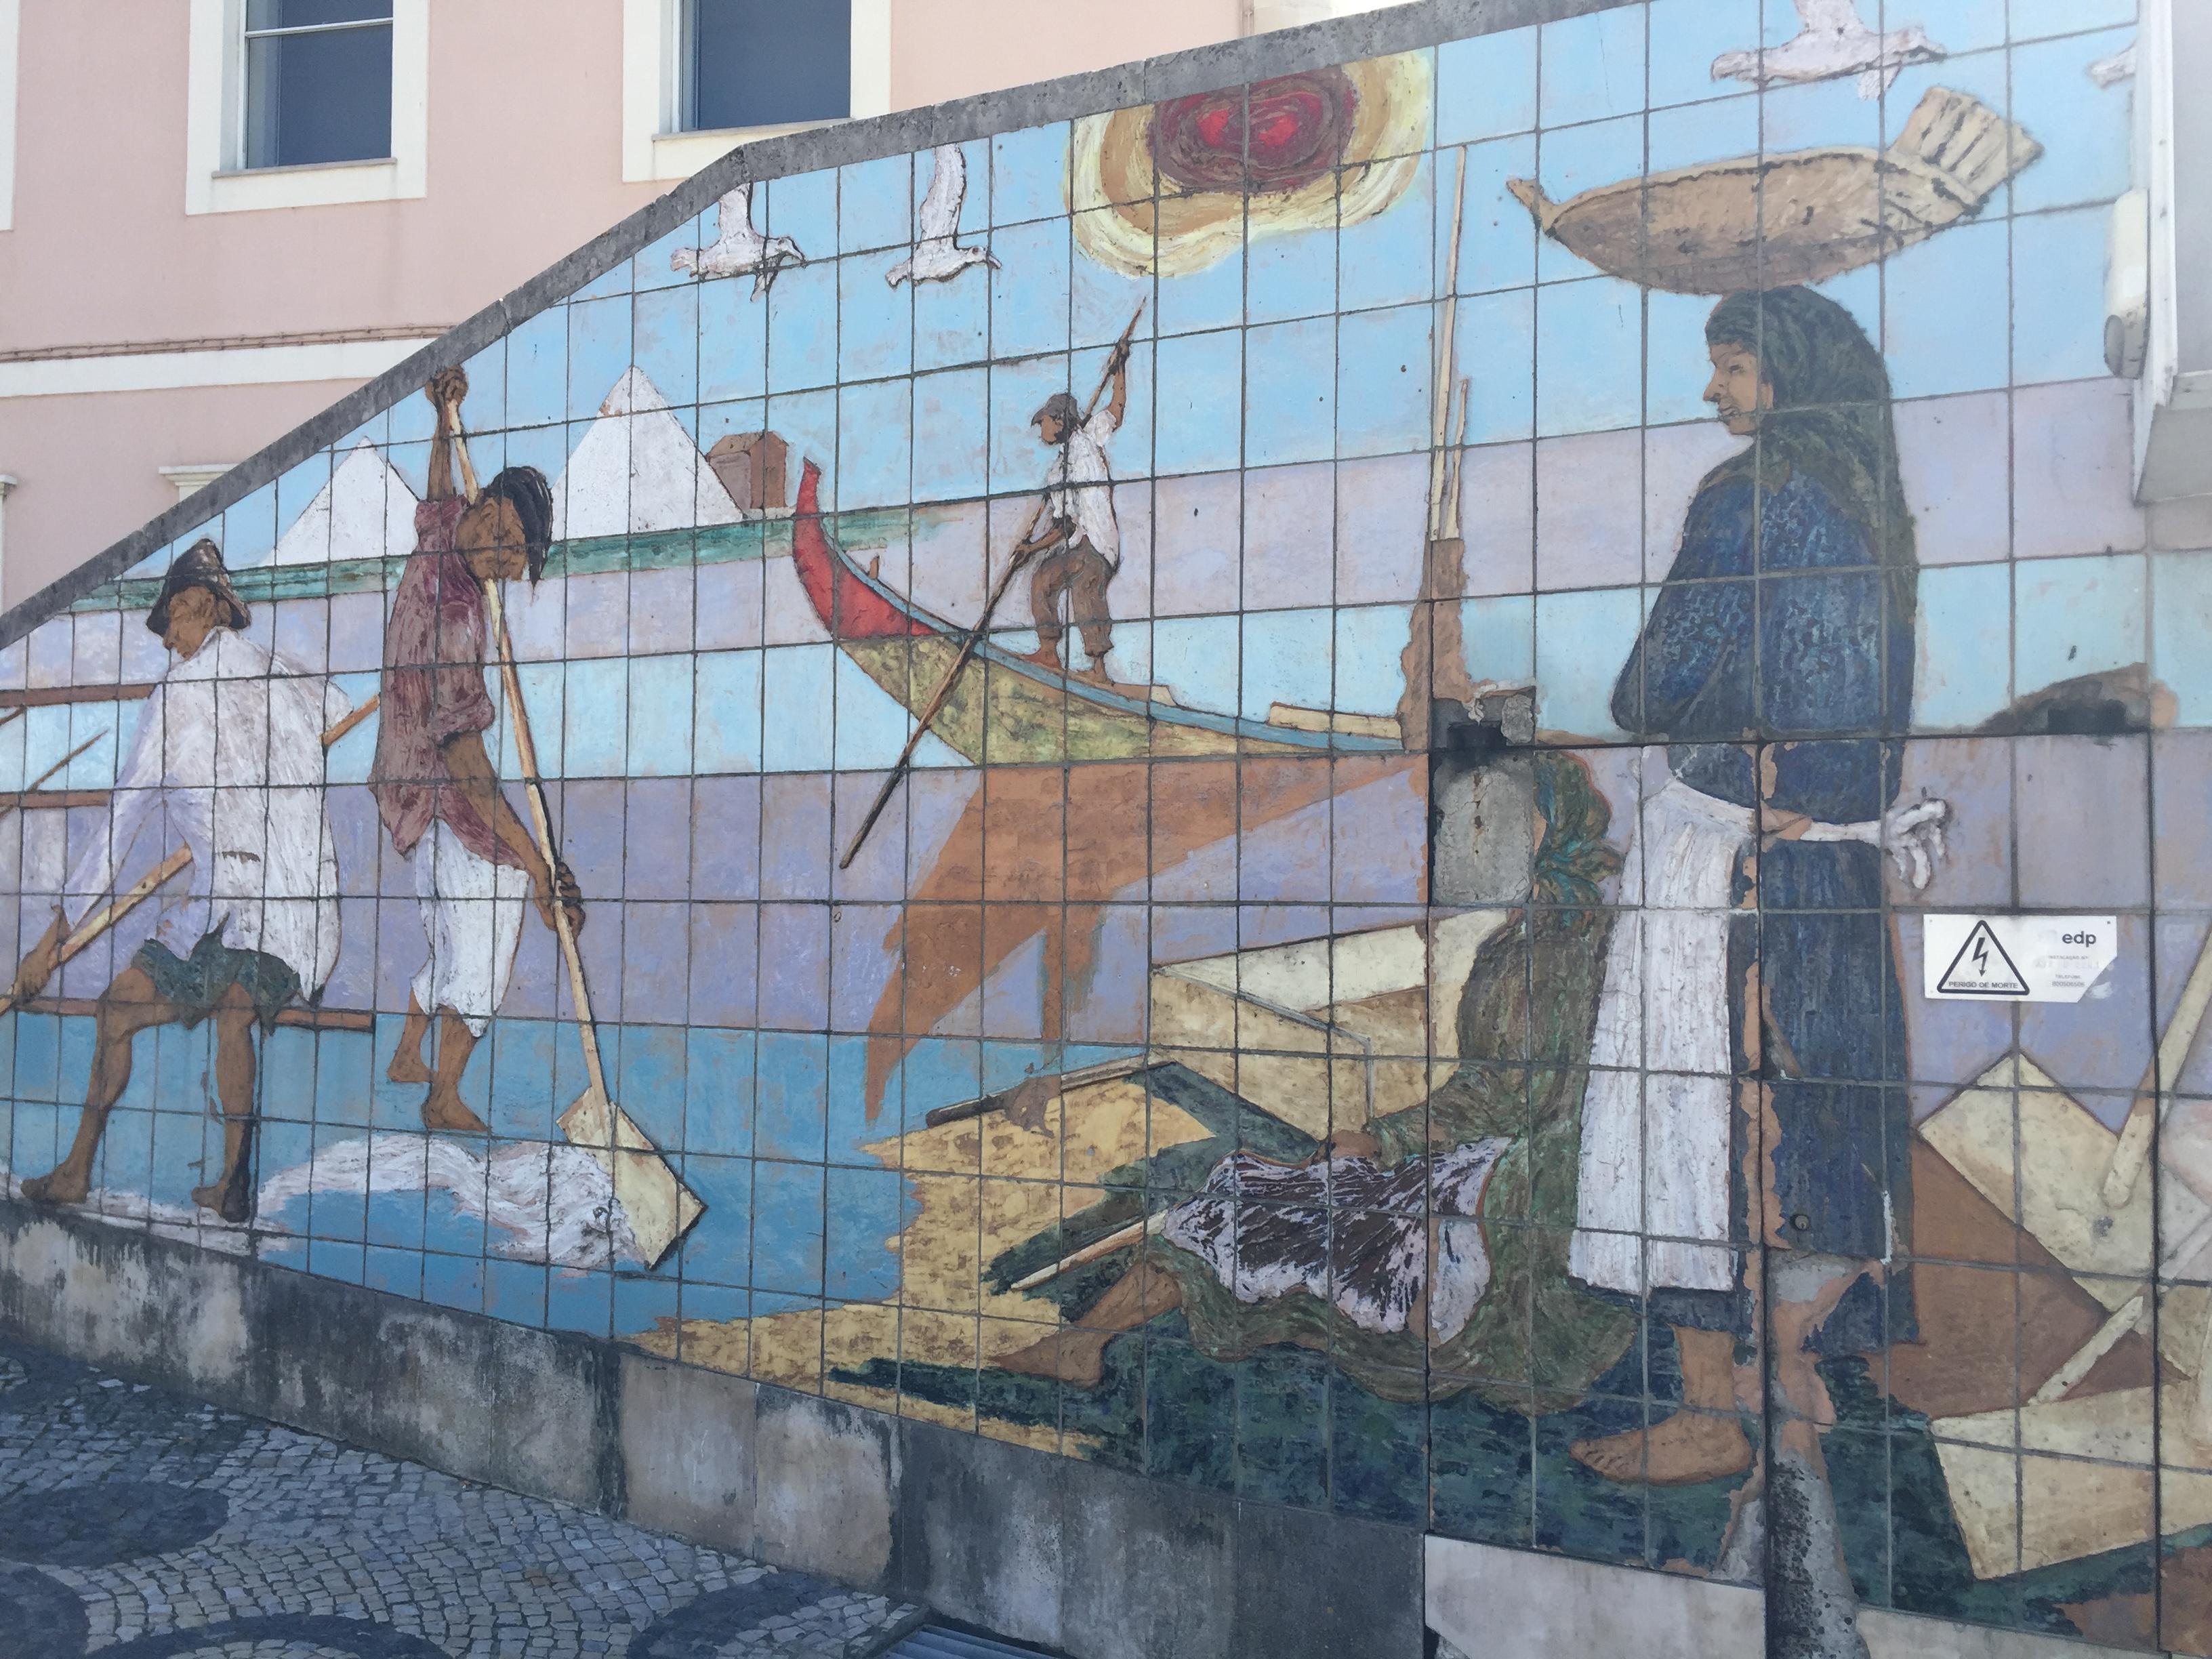 Mural de pescadores en Aveiro